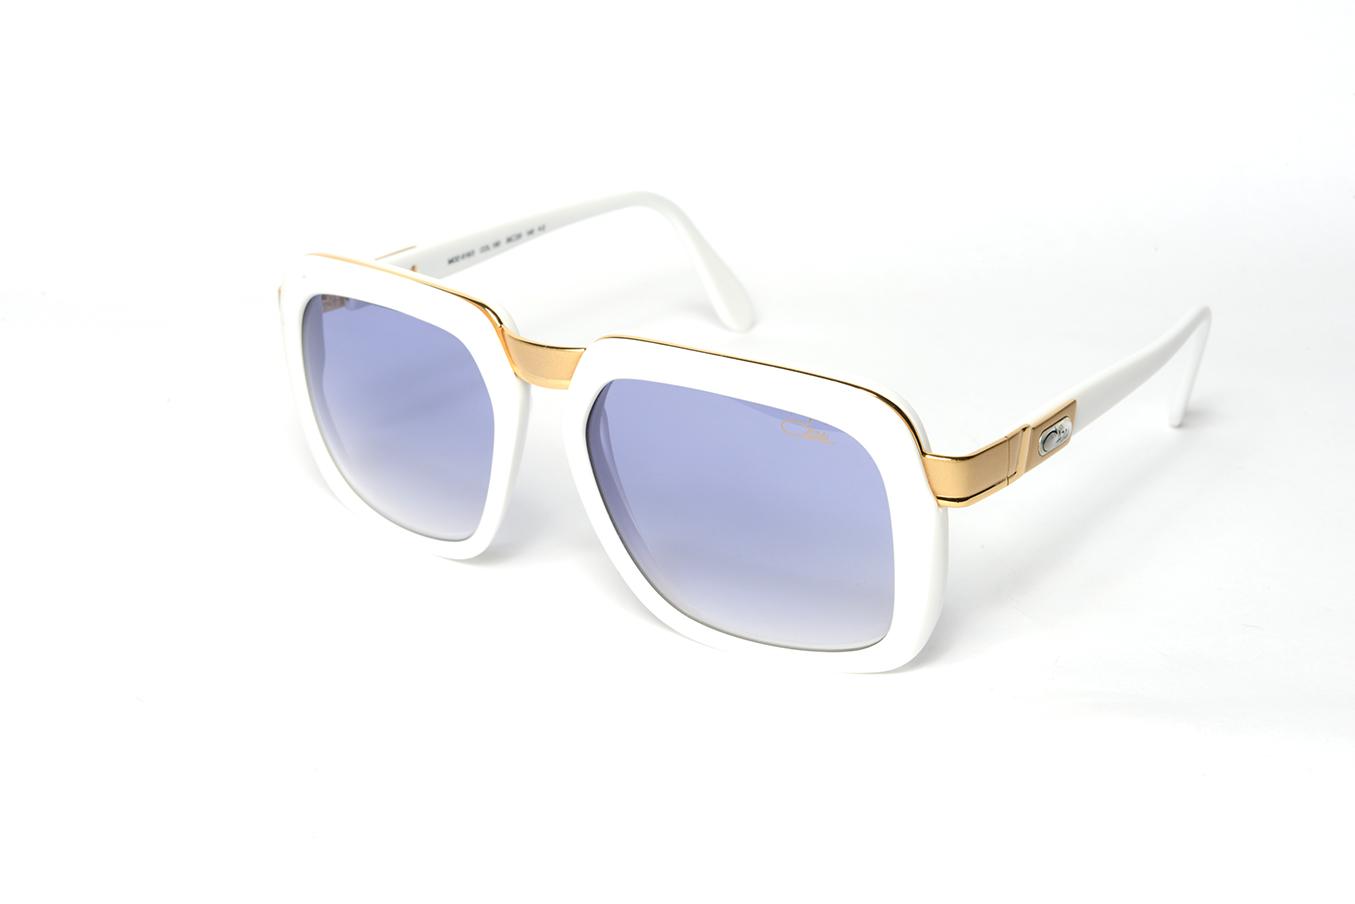 a2edd512c2c Cazal Eyewear 616 - Piccadilly Opticians -